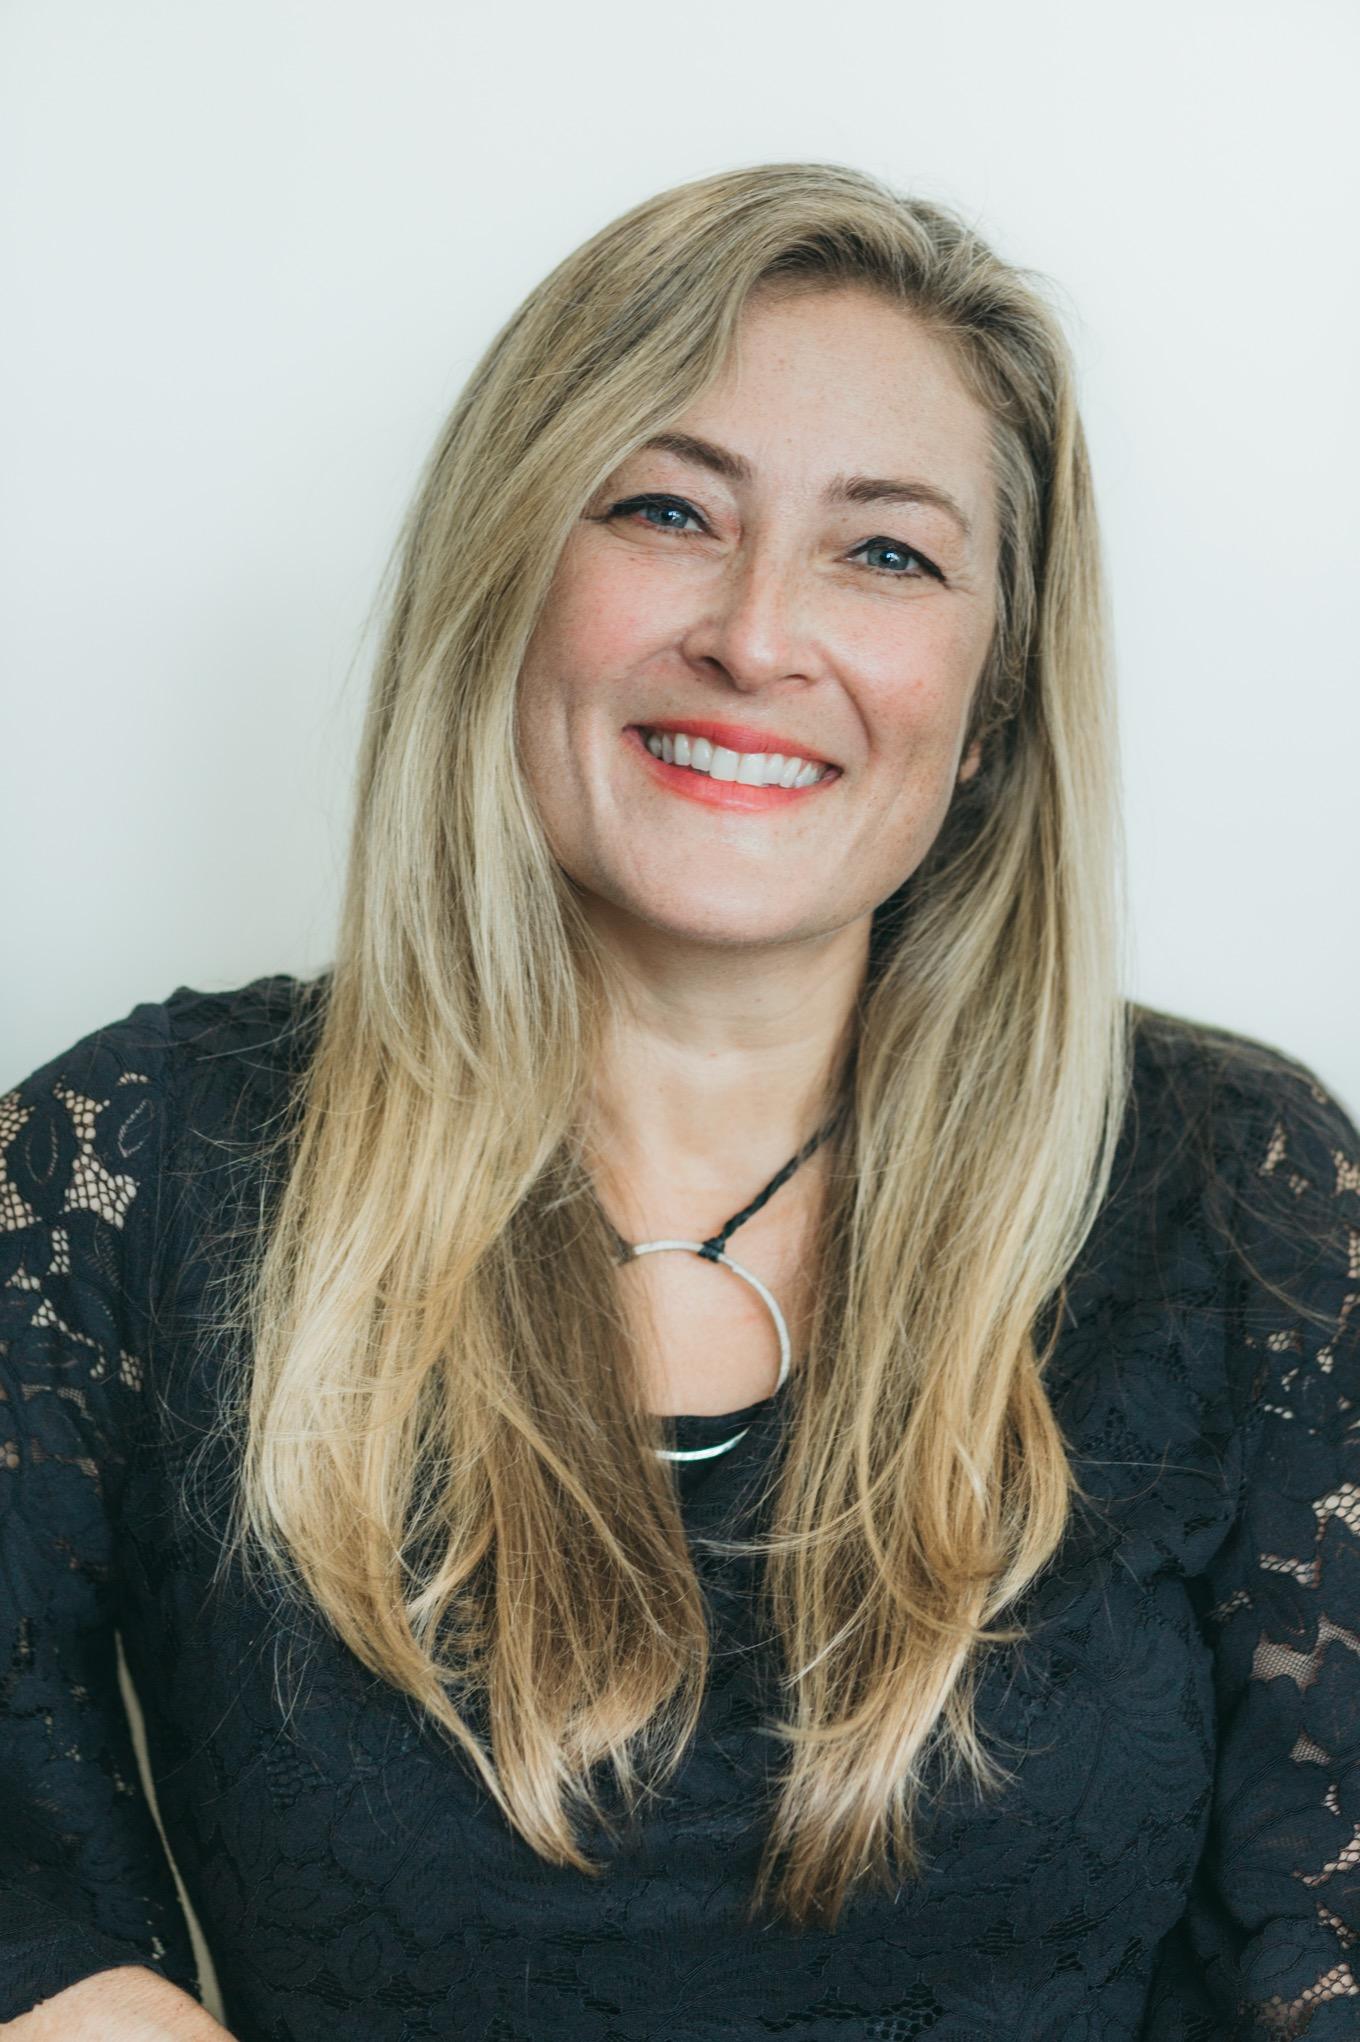 image of Melanie Klein